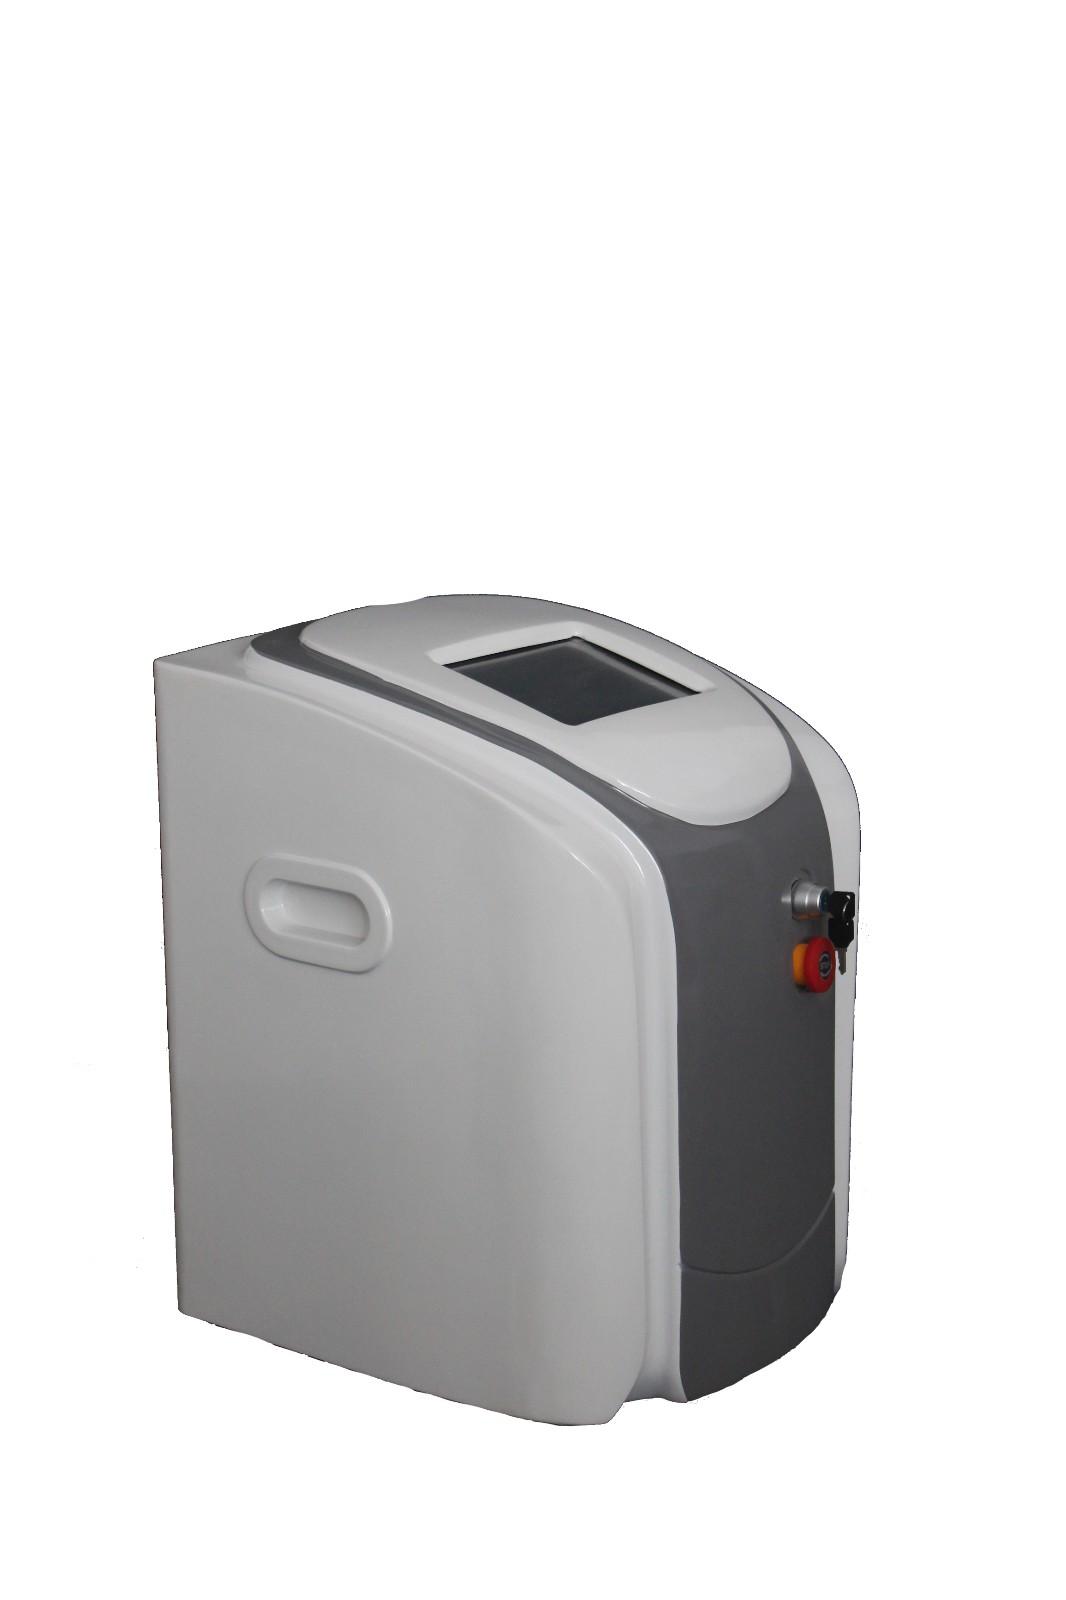 冰点台式OPT激光脱毛仪供应商 长寿命磁光激光射频一体机免费培训 雅胜(广州)光电有限公司